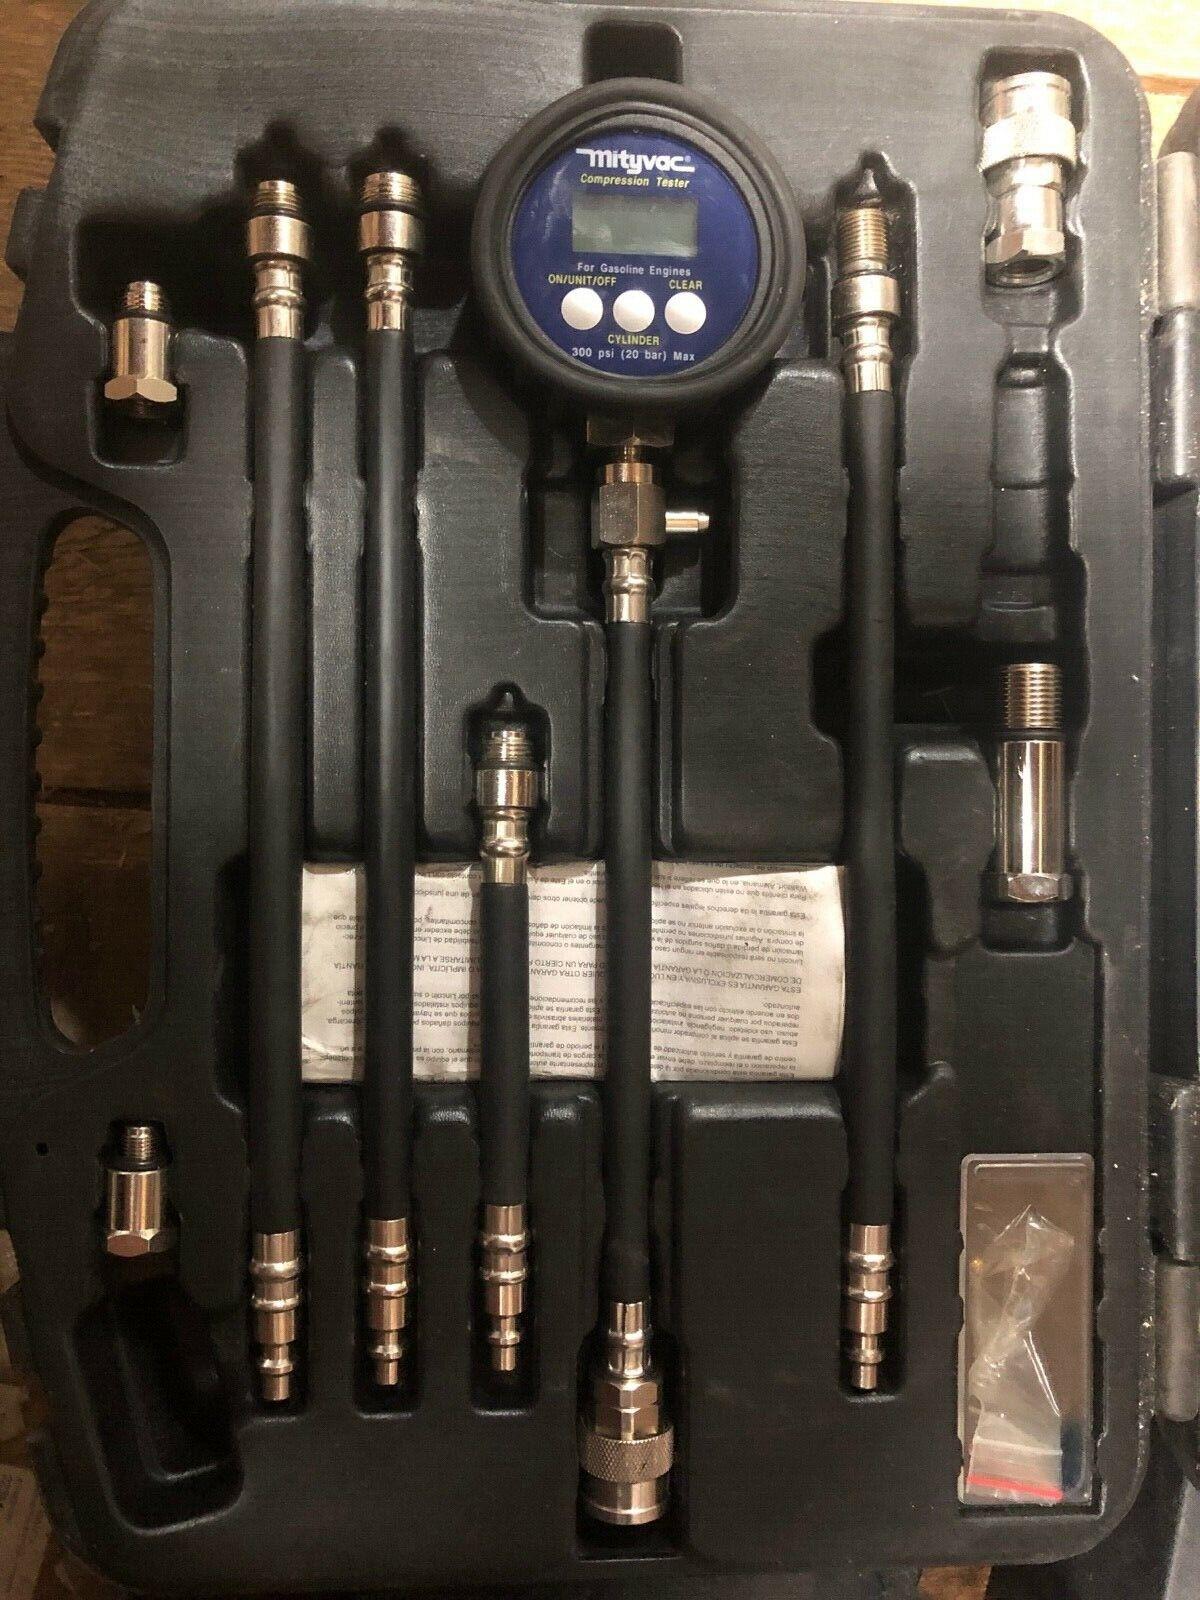 Digital Compression Test Kit Mityvac MITMV5532